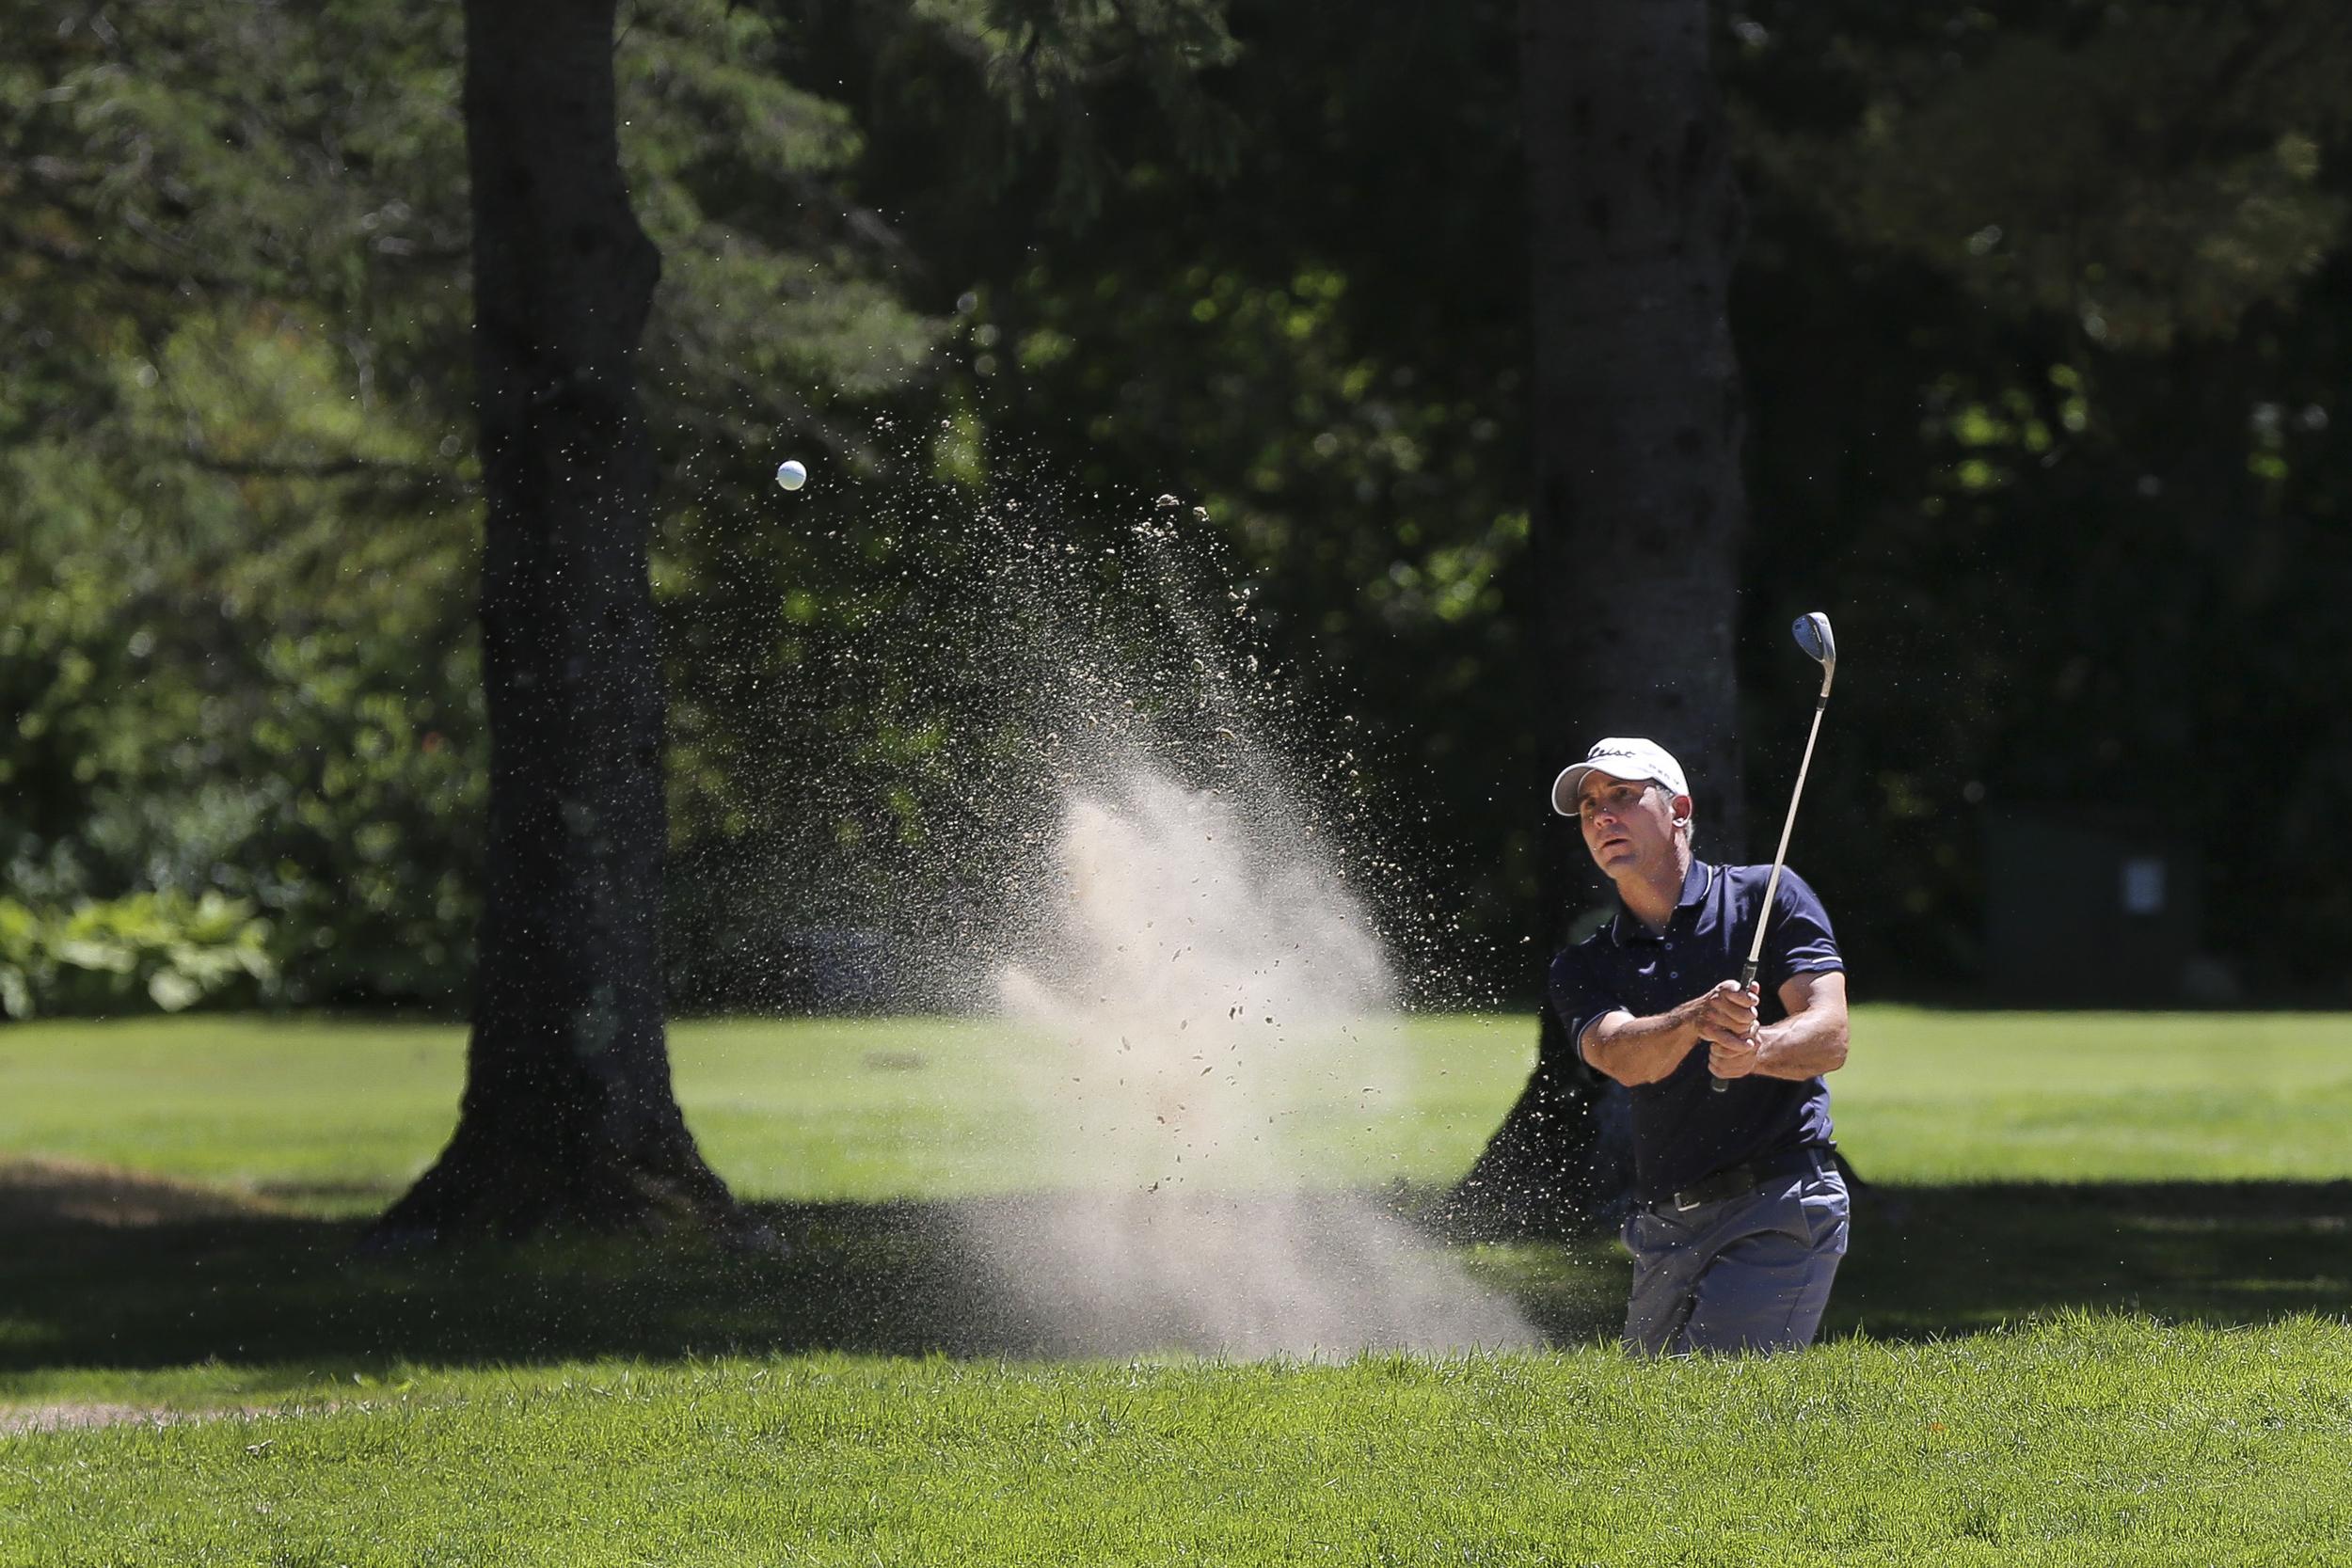 20150617-vn-golf-ss-048.JPG